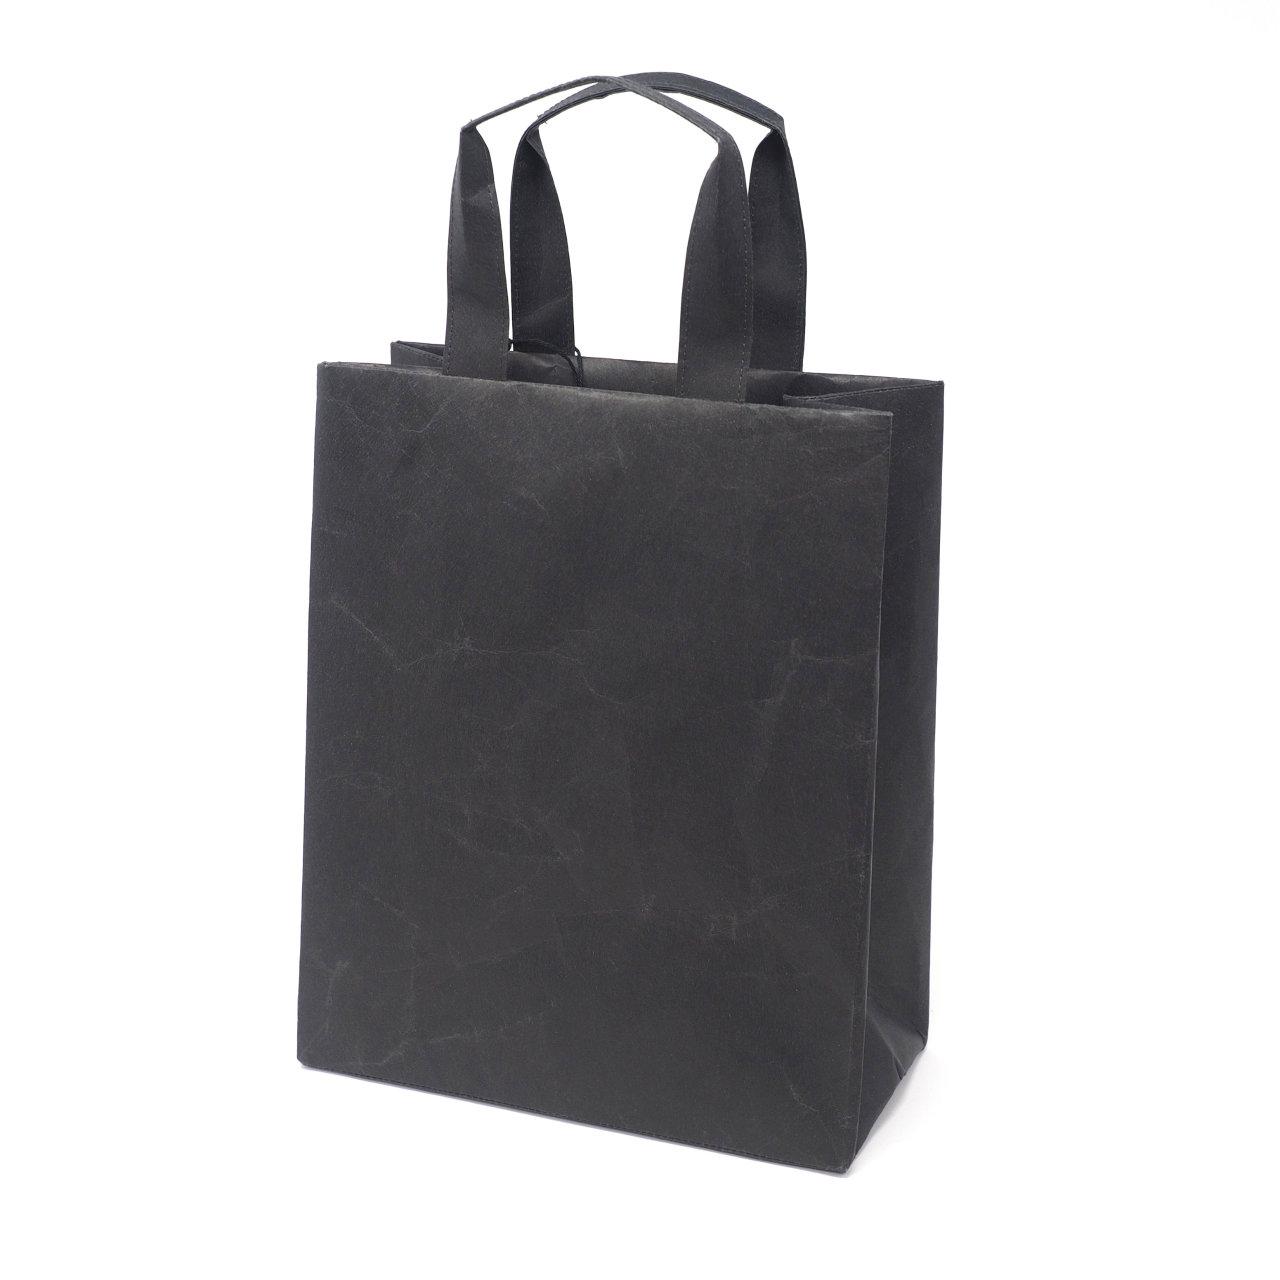 サムネイル:SIWA | 紙和 バッグスクエアA4 ブラック